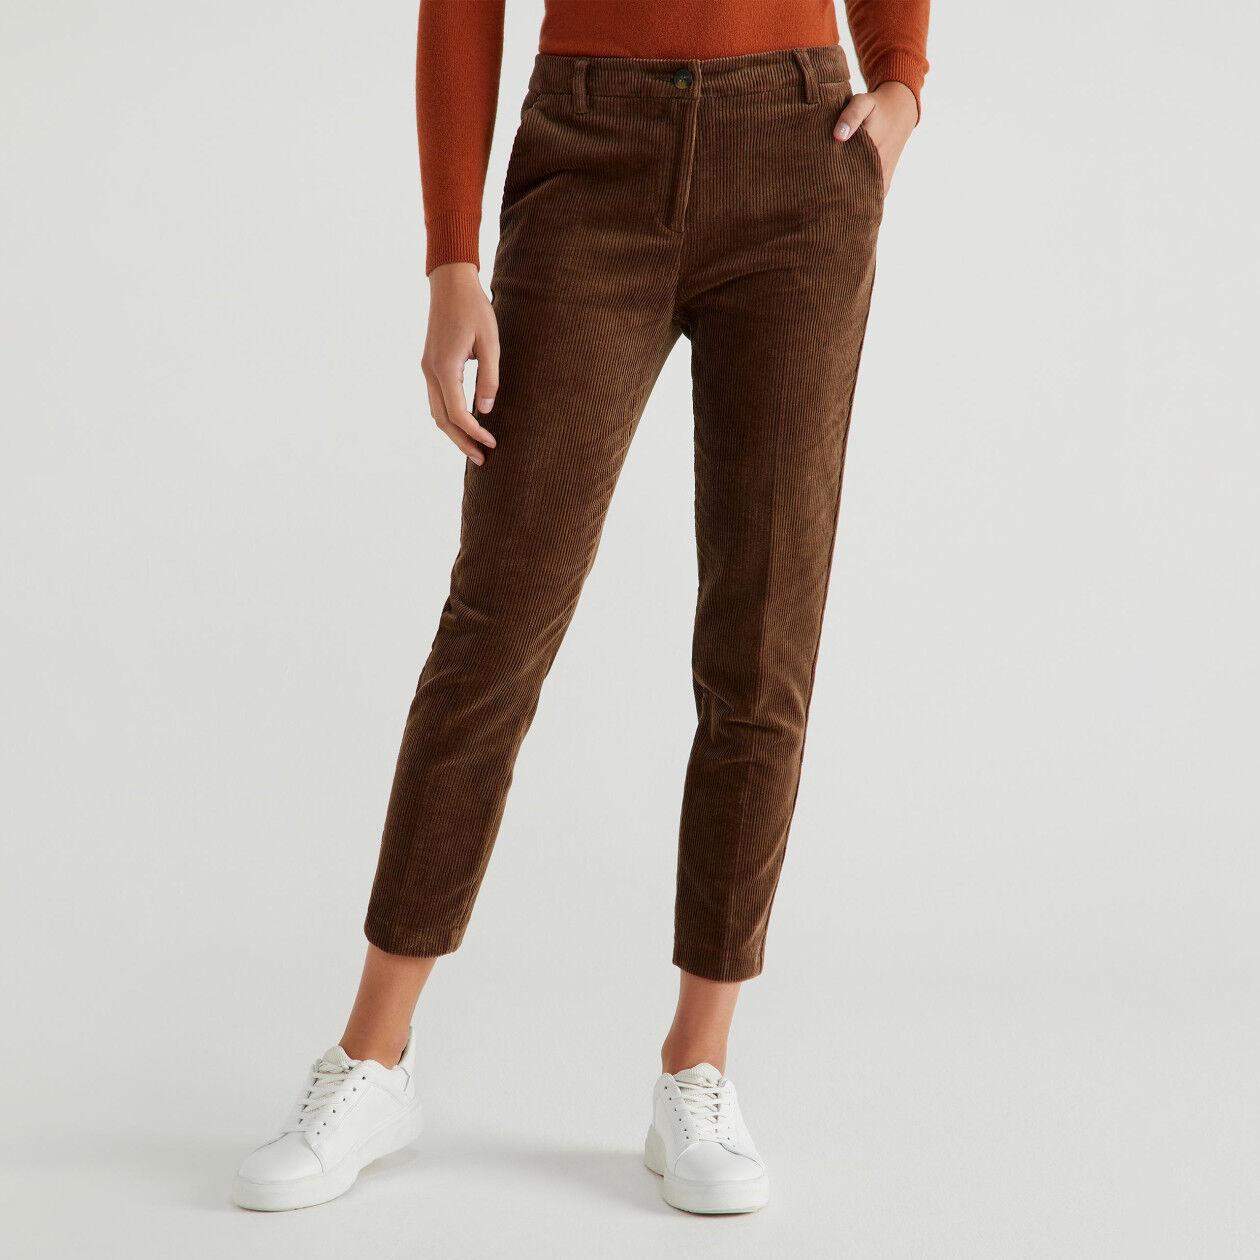 Pantaloni elasticizzati di velluto